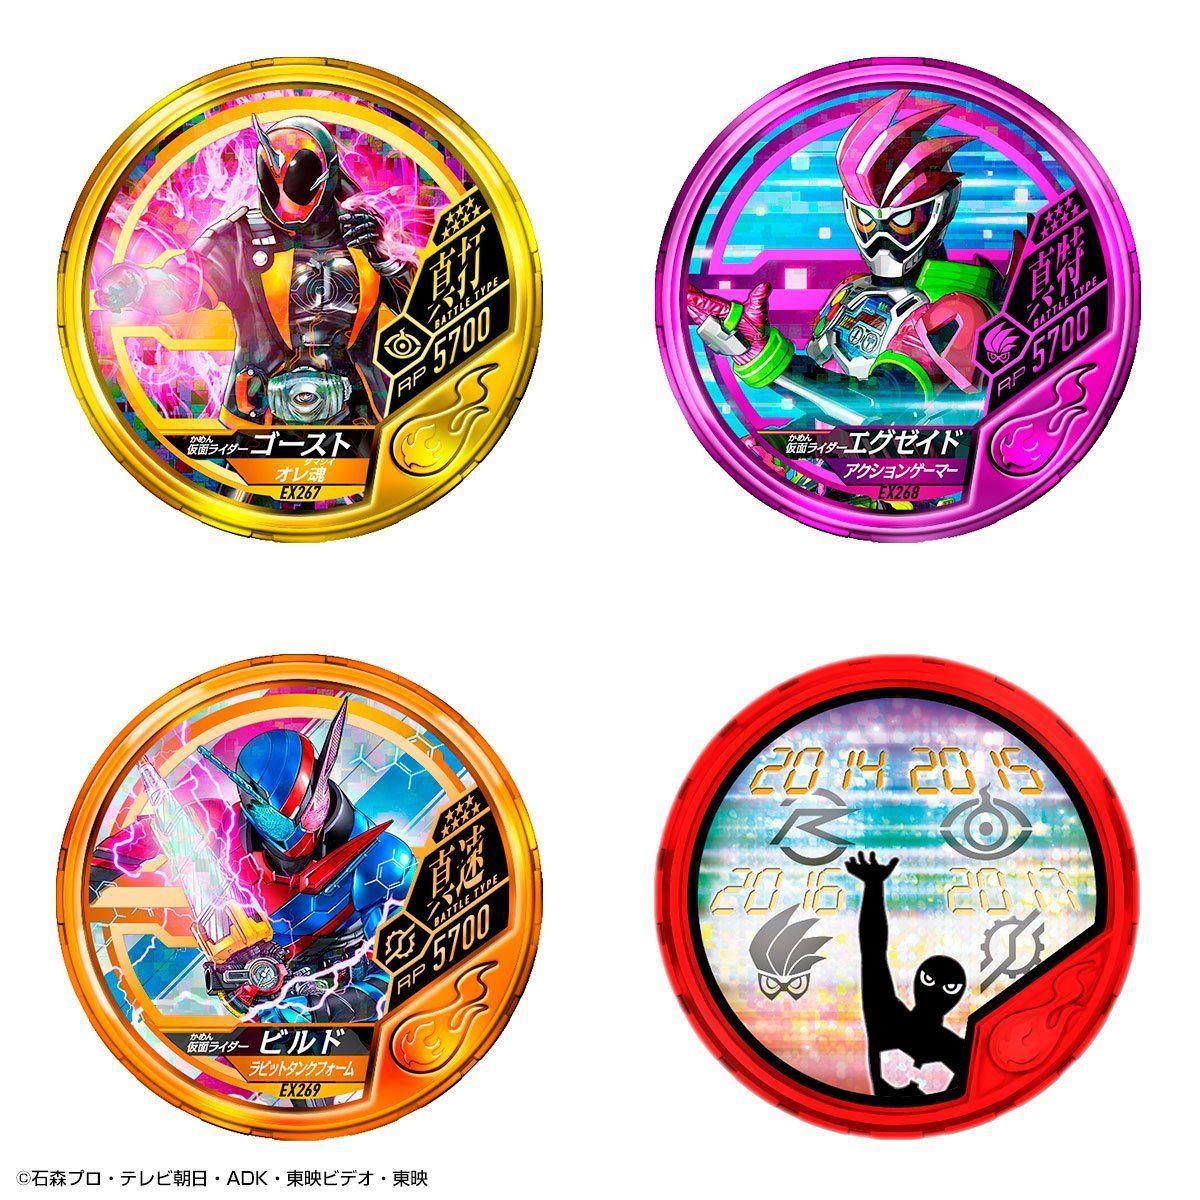 仮面ライダー ブットバソウル『オフィシャルメダルホルダー -20th Anniversary-』-008